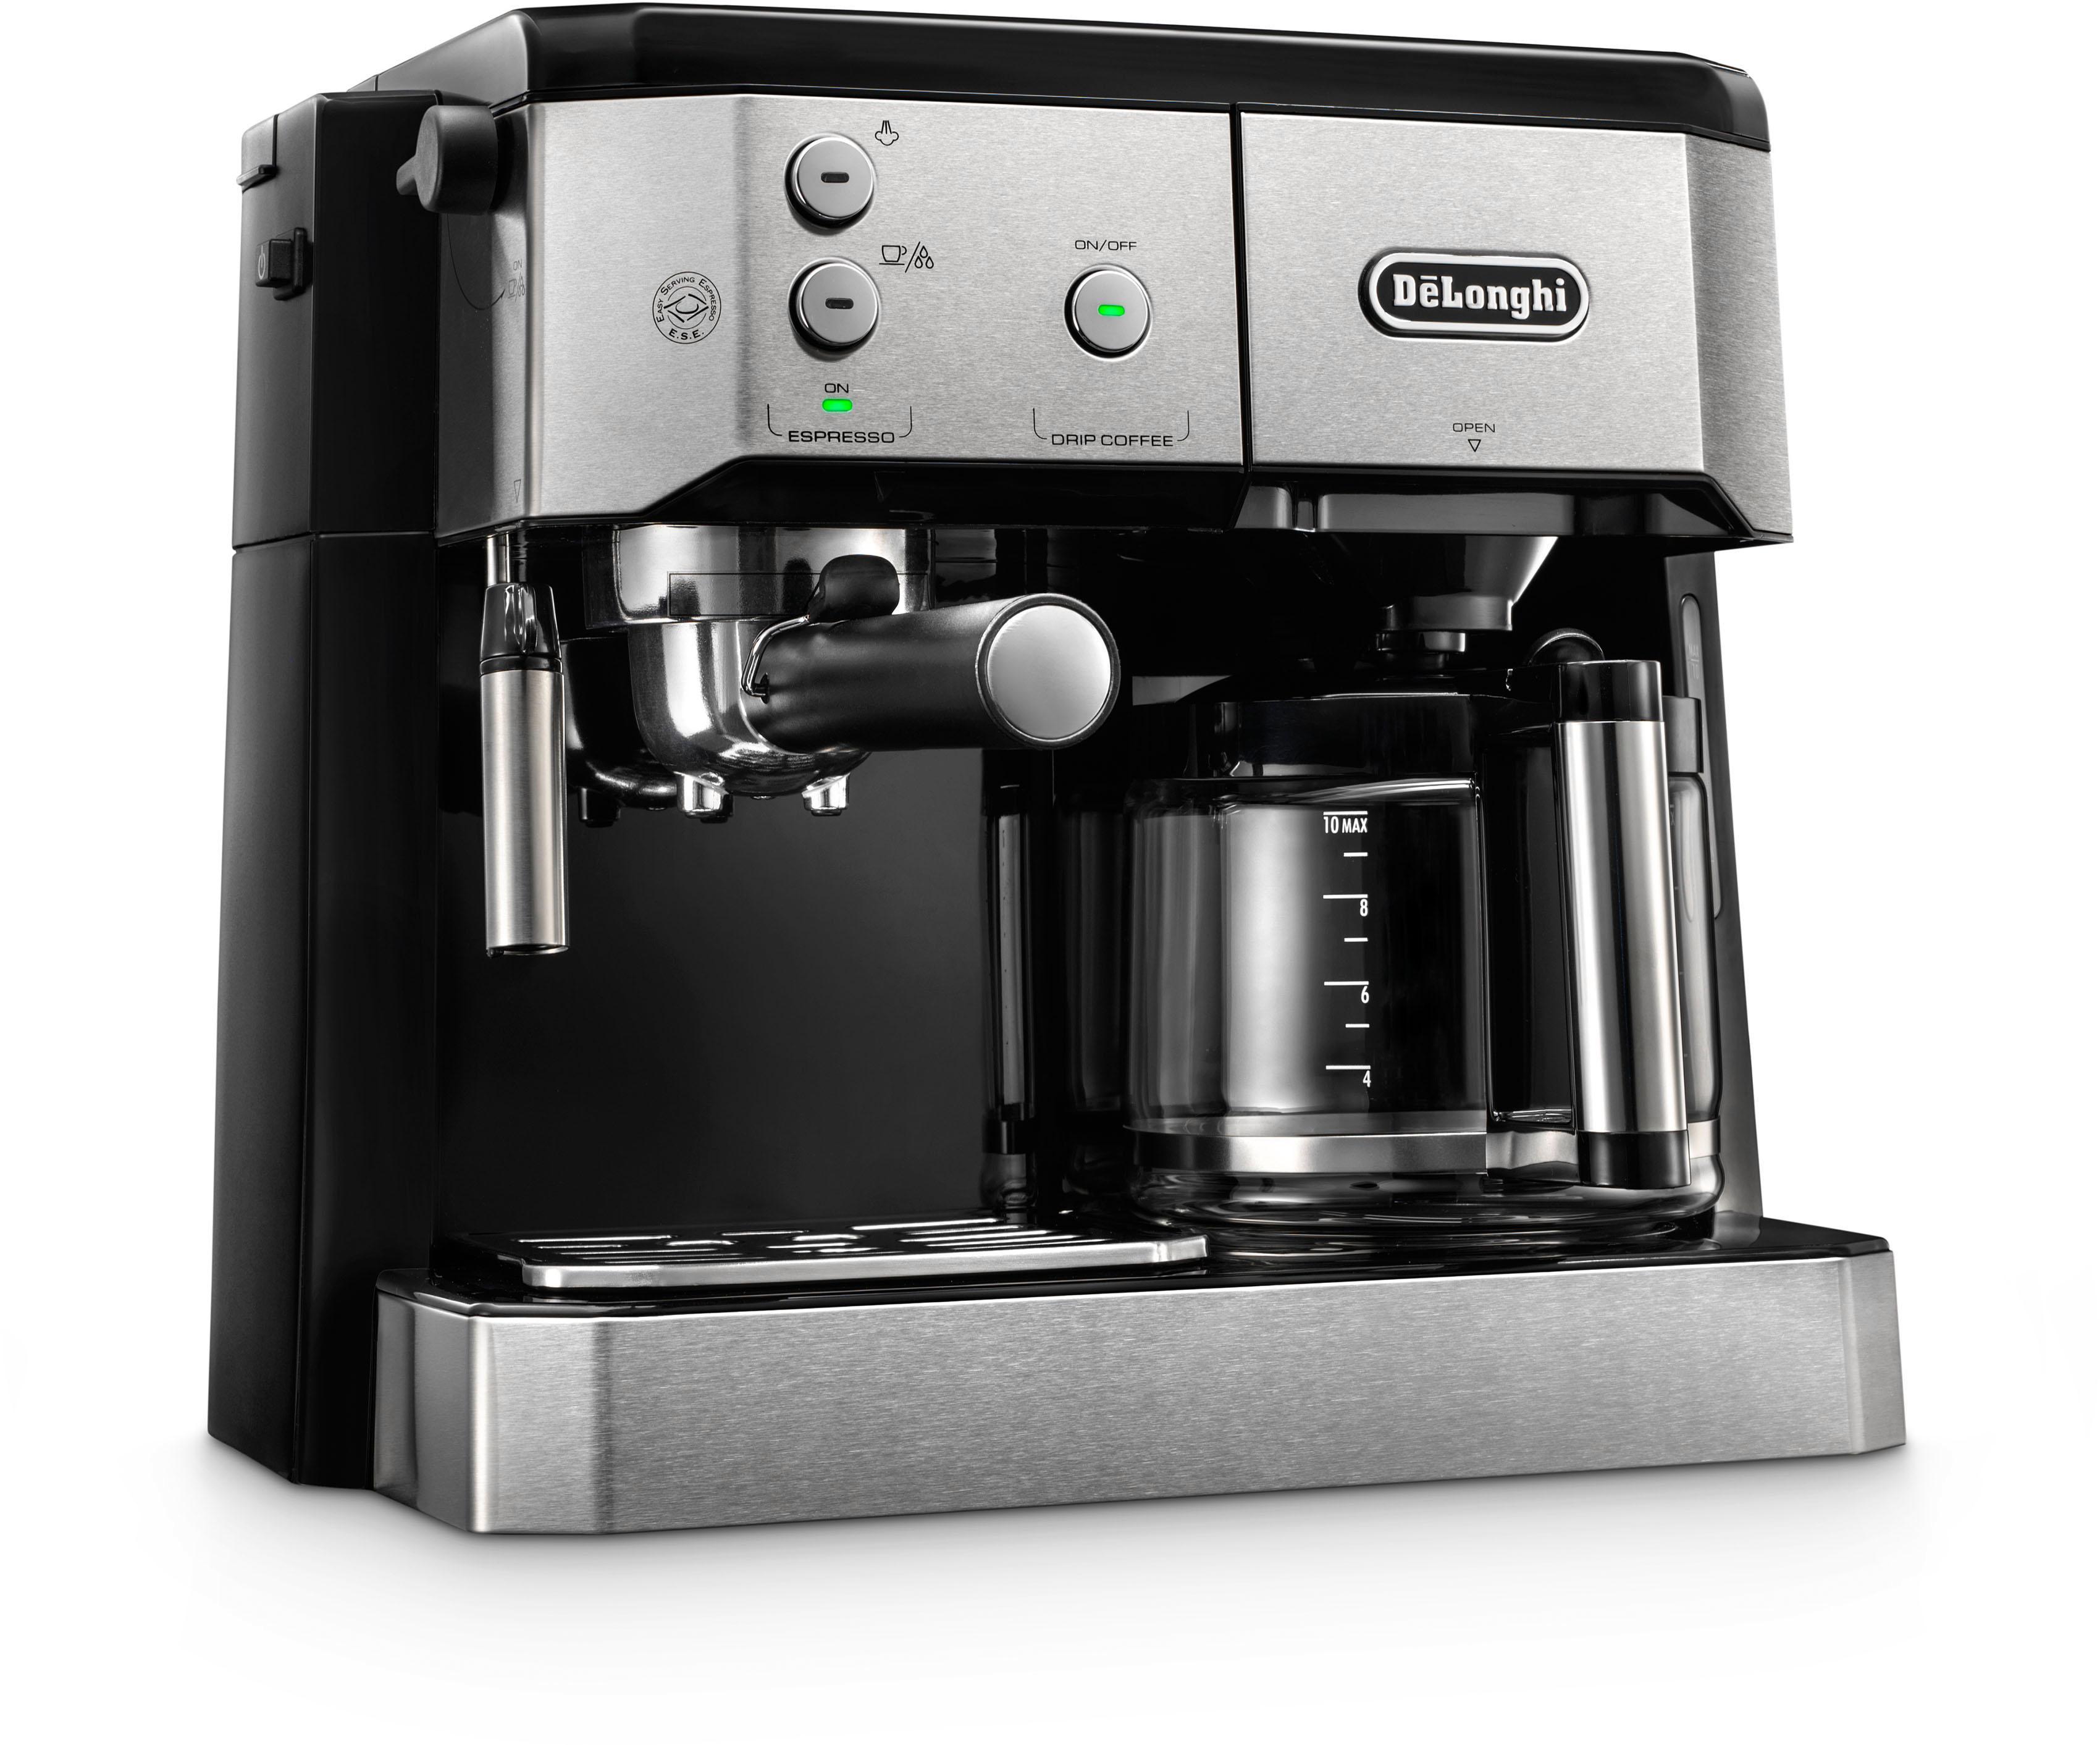 De'Longhi Siebträger-/Filterkaffeemaschine BCO 421.S, Papierfilter schwarz Kaffee Espresso SOFORT LIEFERBARE Haushaltsgeräte